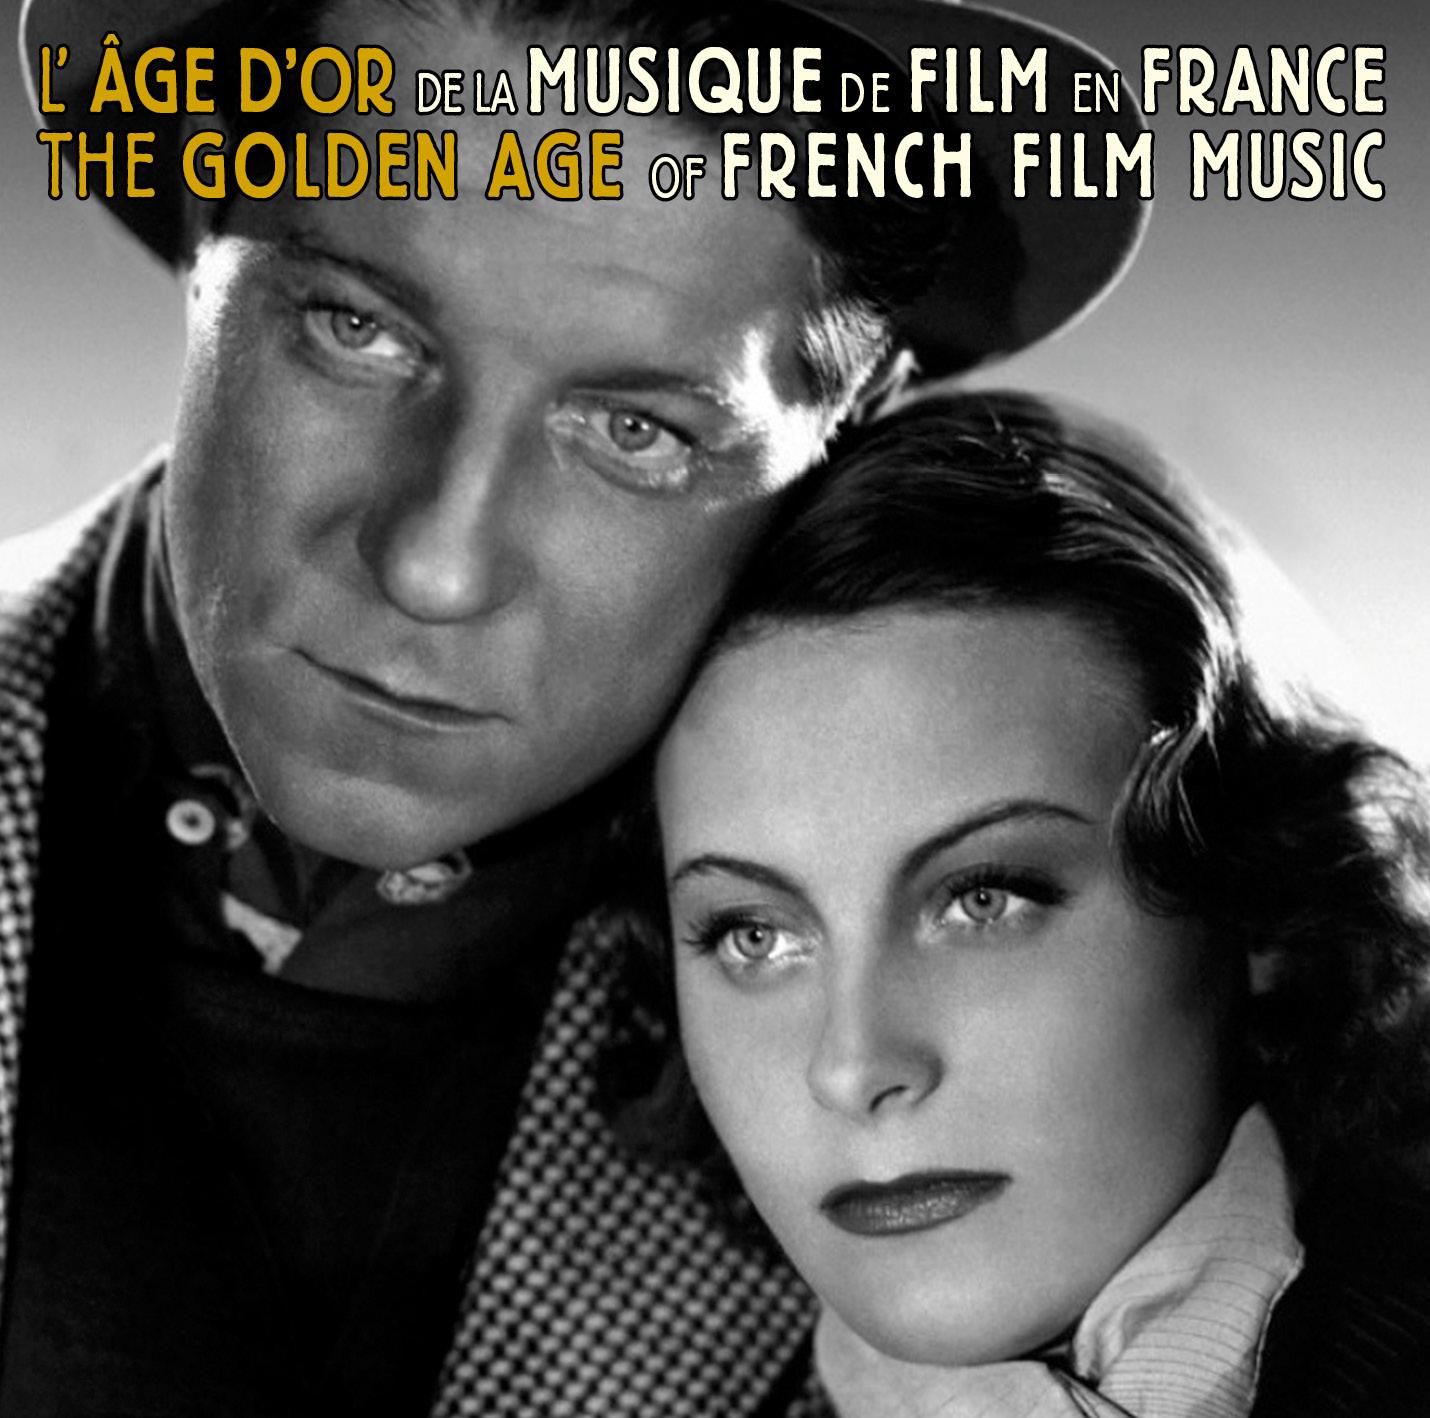 L'Âge d'or de la Musique de Film en France